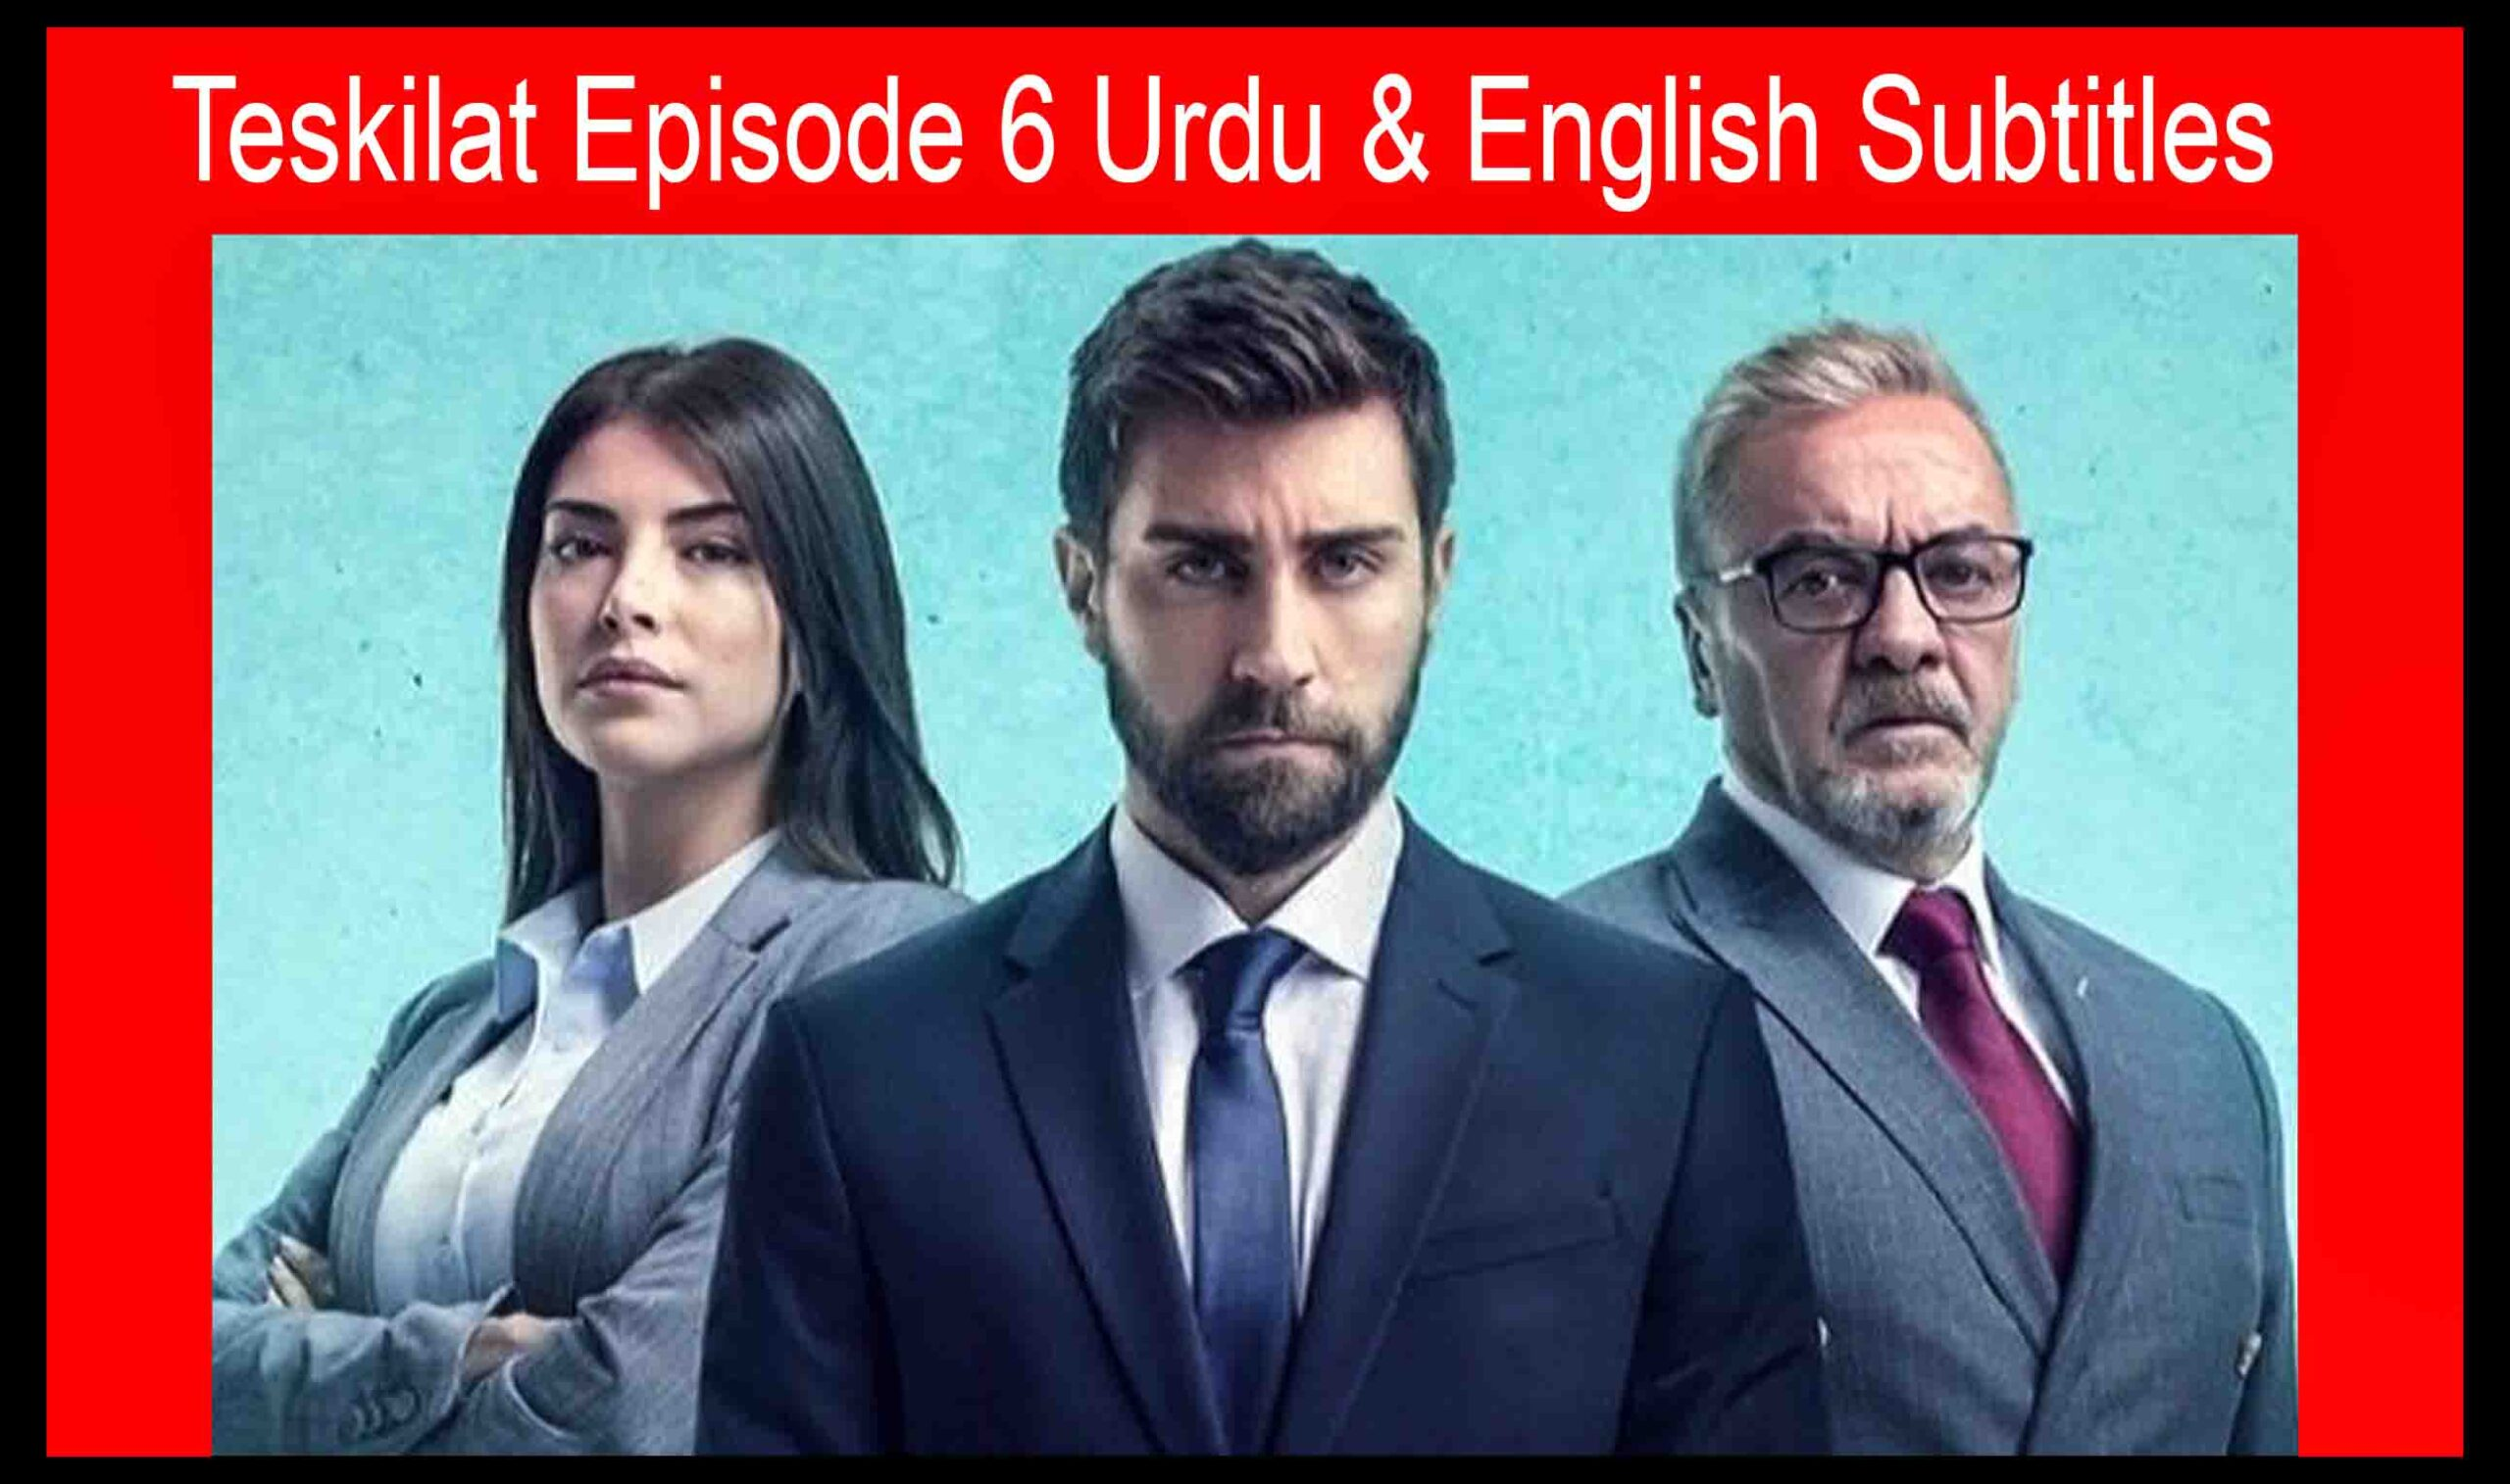 Teskilat Episode 6 Urdu & English Subtitles